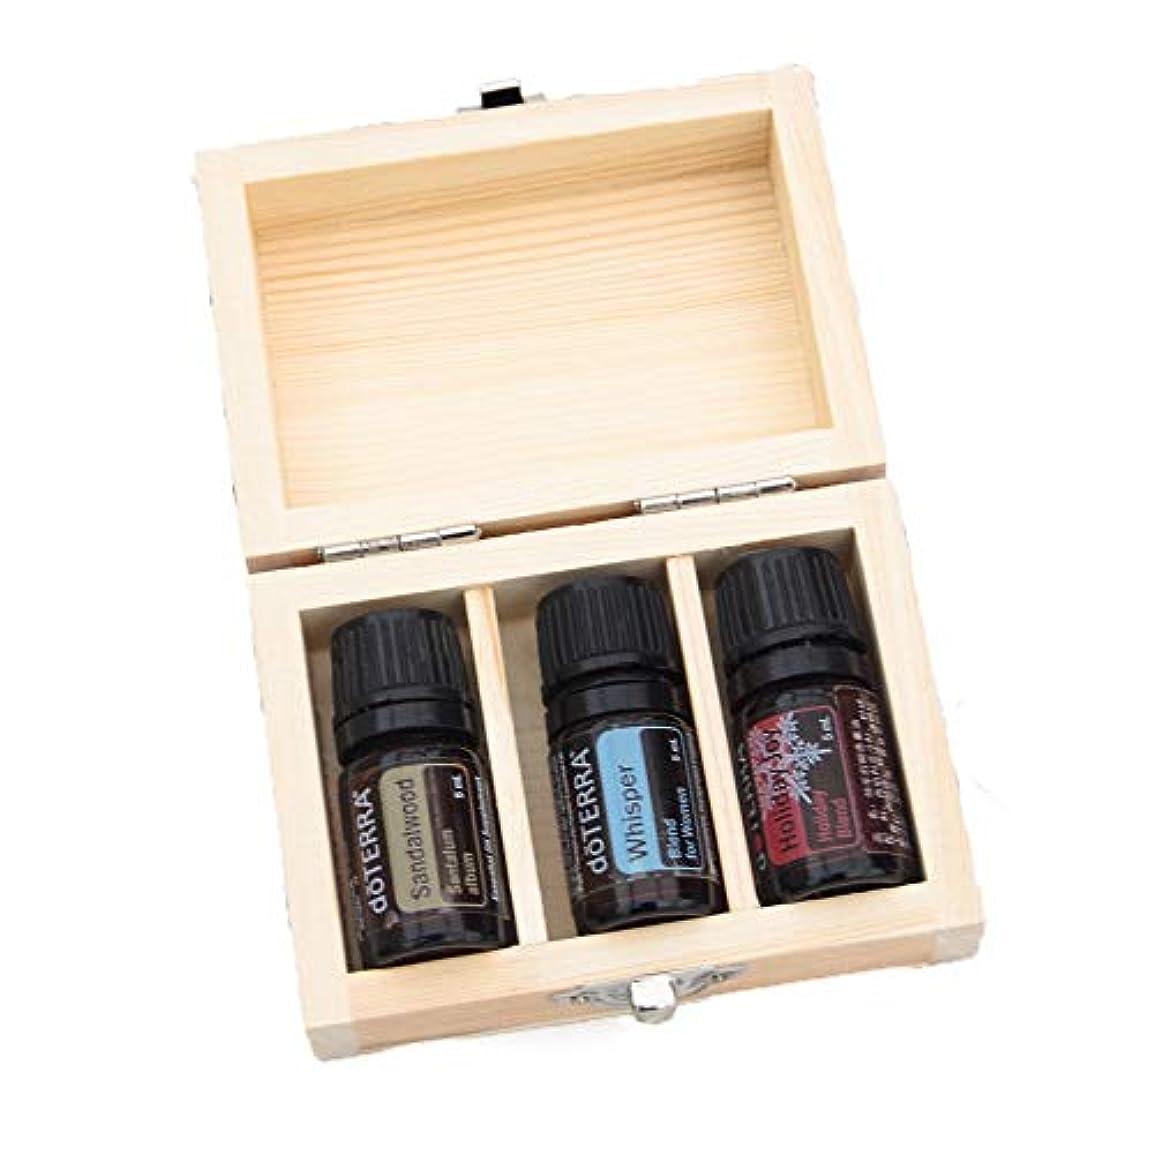 揮発性統治する学ぶエッセンシャルオイル収納ボックス 木製のエッセンシャルオイルボックスケースオーガナイザーは3本の5ミリリットル油のボトルを保持します (色 : Natural, サイズ : 10X7X4.1CM)